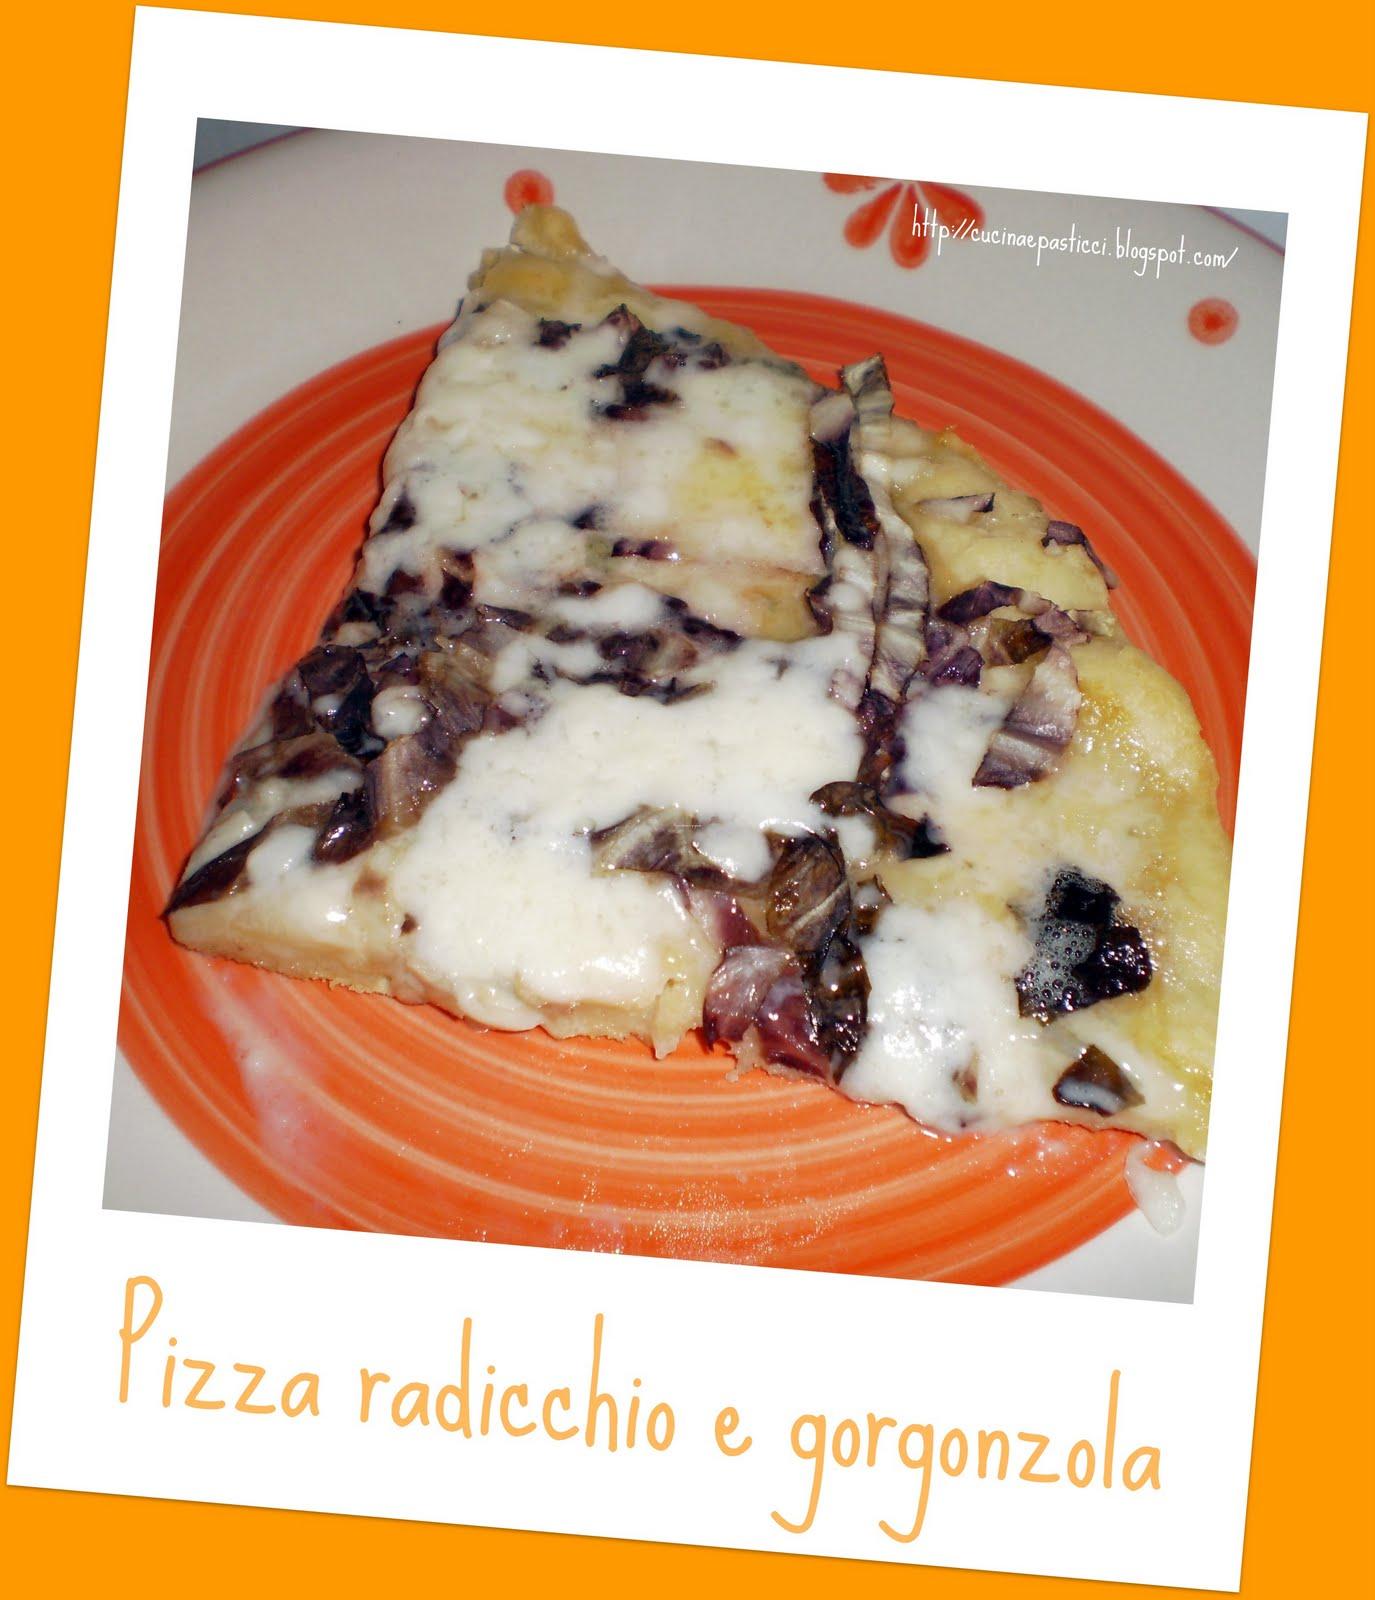 Cucina pasticci pizza radicchio e gorgonzola - Cucina e pasticci ...